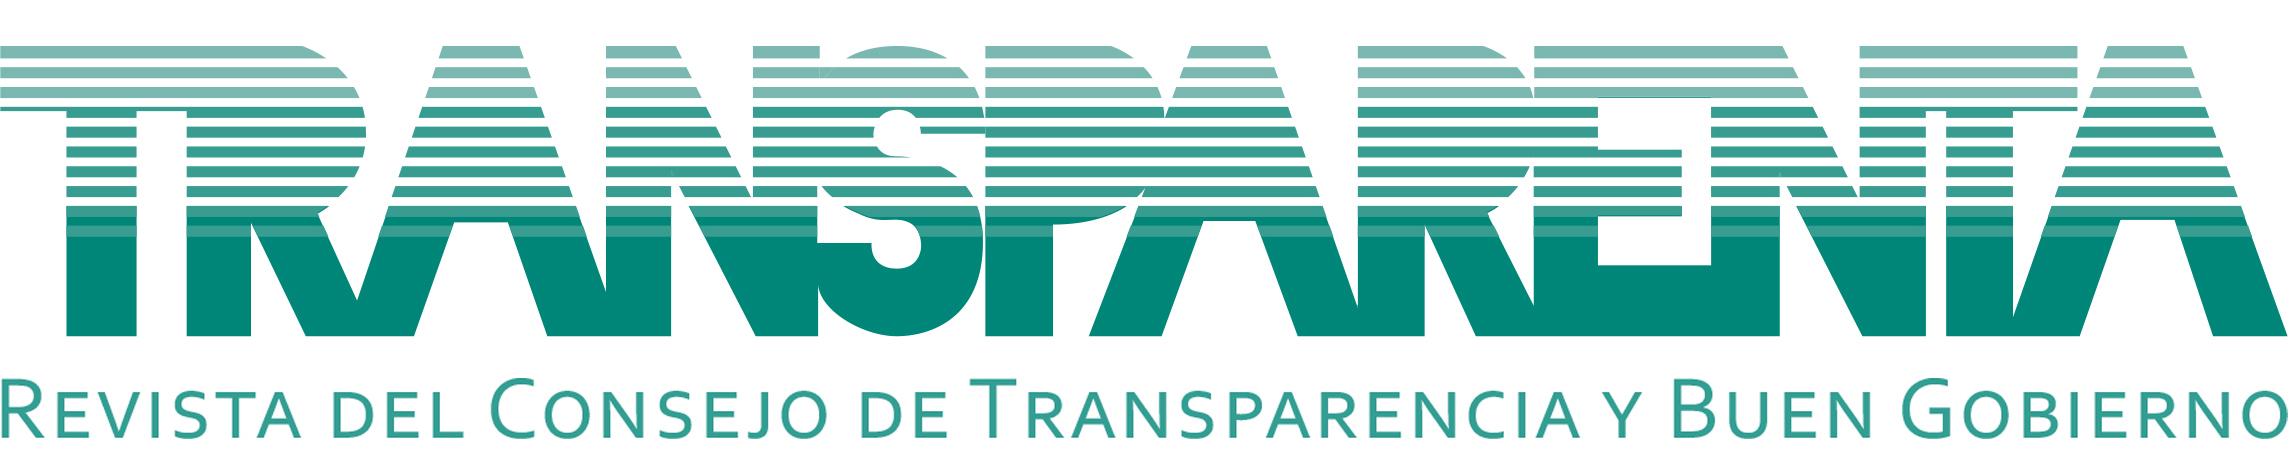 Imagen de cabecera de la Revista del Consejo de Transparencia y Buen Gobierno